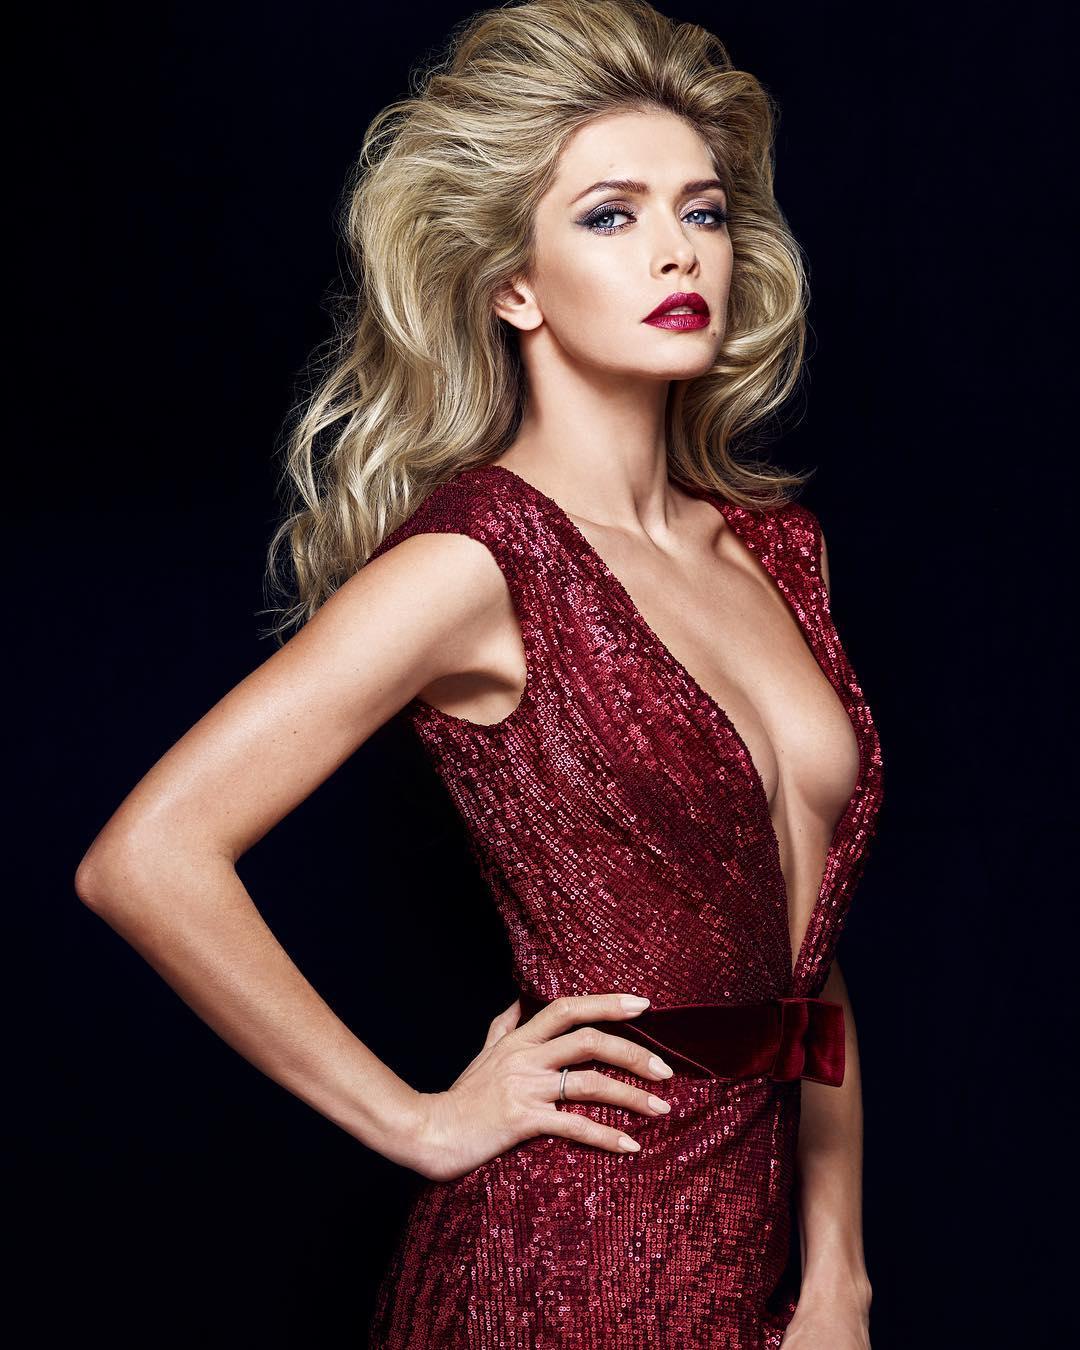 Певица предстала в красном платье с ошеломительным вырезом